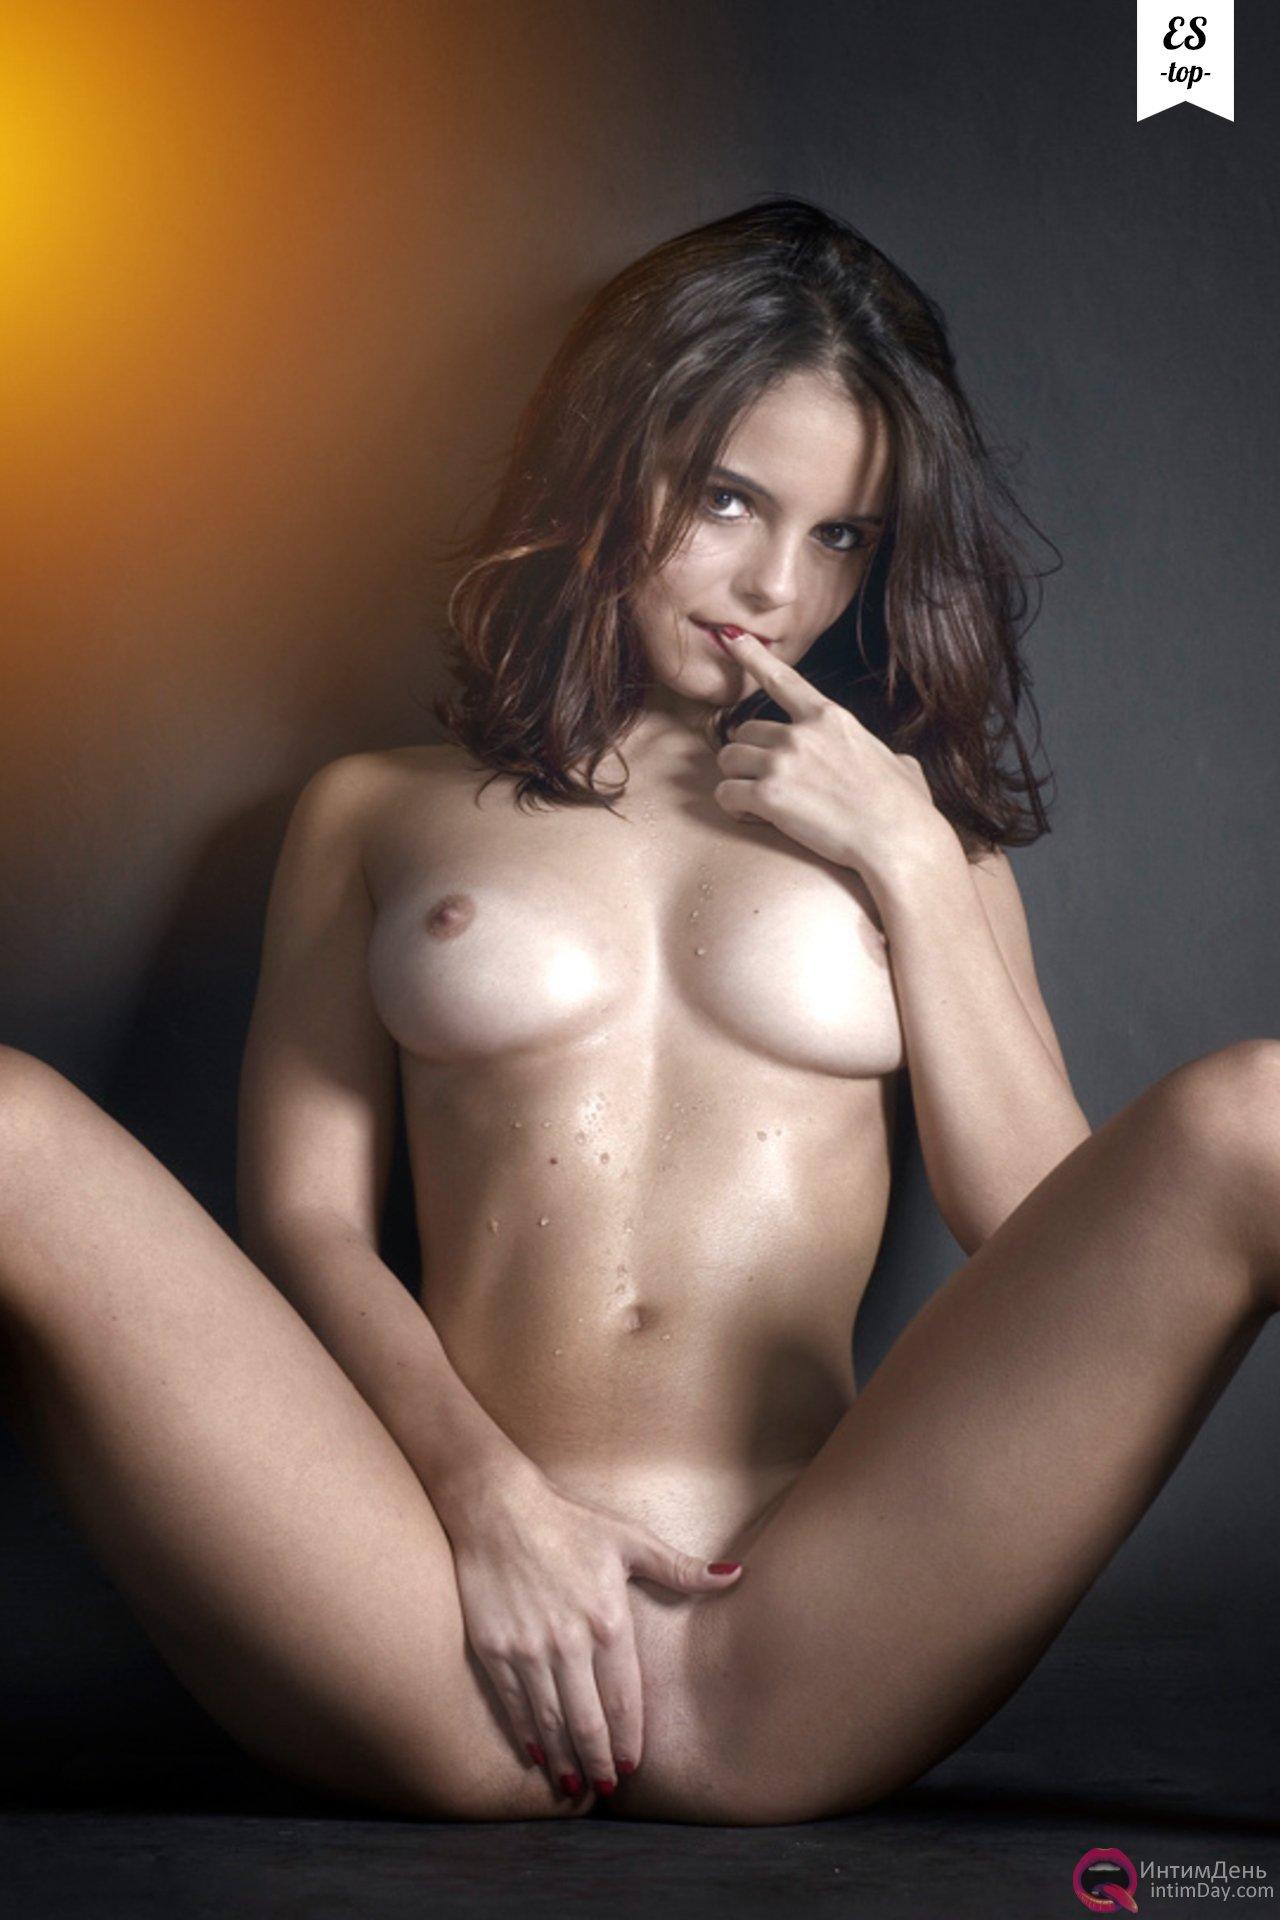 Найти проститутку пышную фото 218-185